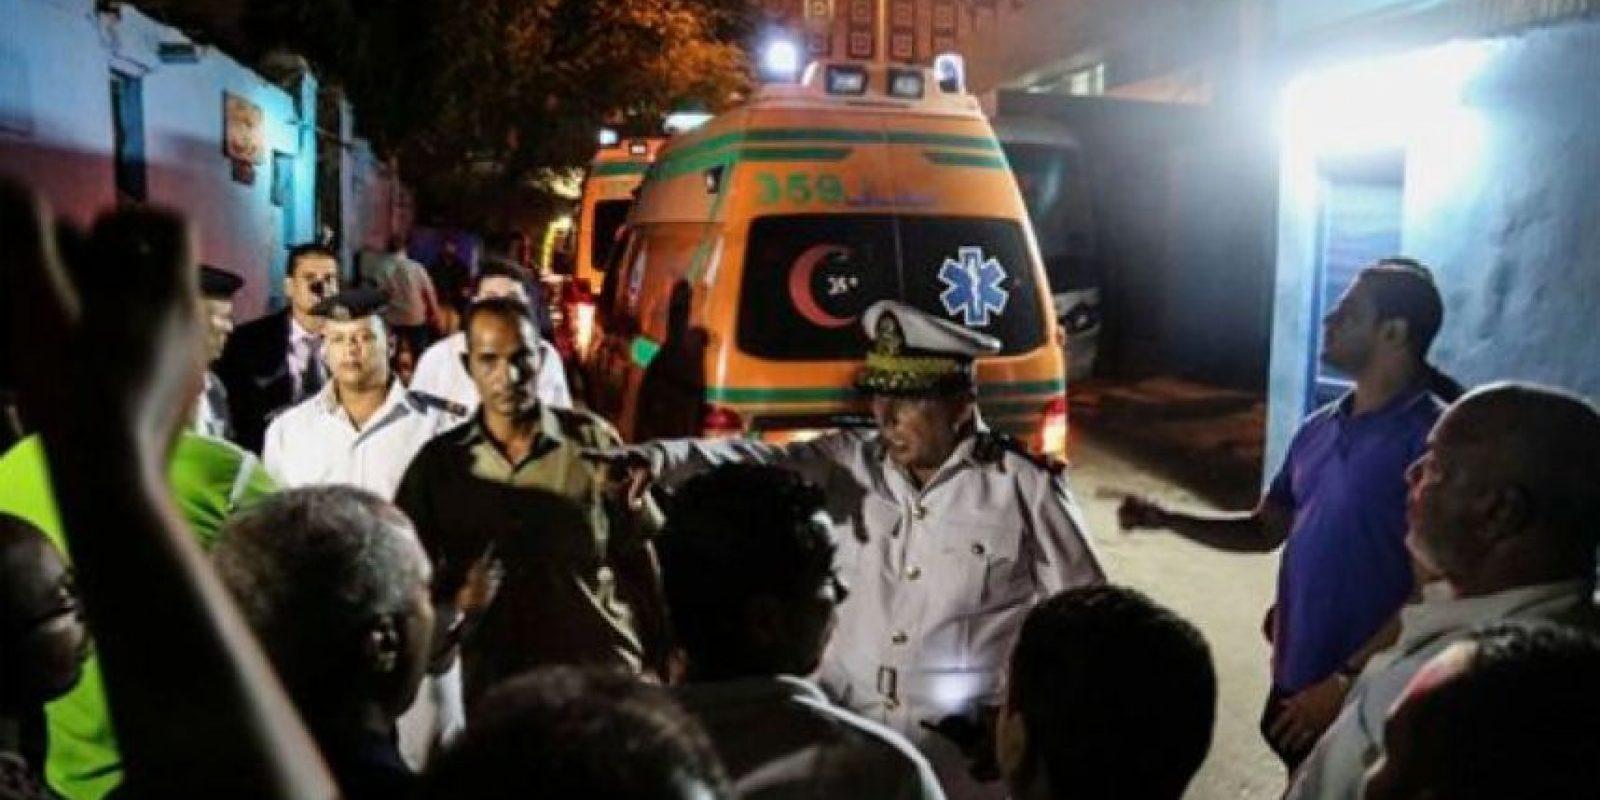 """La diplomática fue a Egipto para """"obtener la información de primera mano que permita aclarar las circunstancias de este deplorable acontecimiento"""". Foto:AP"""